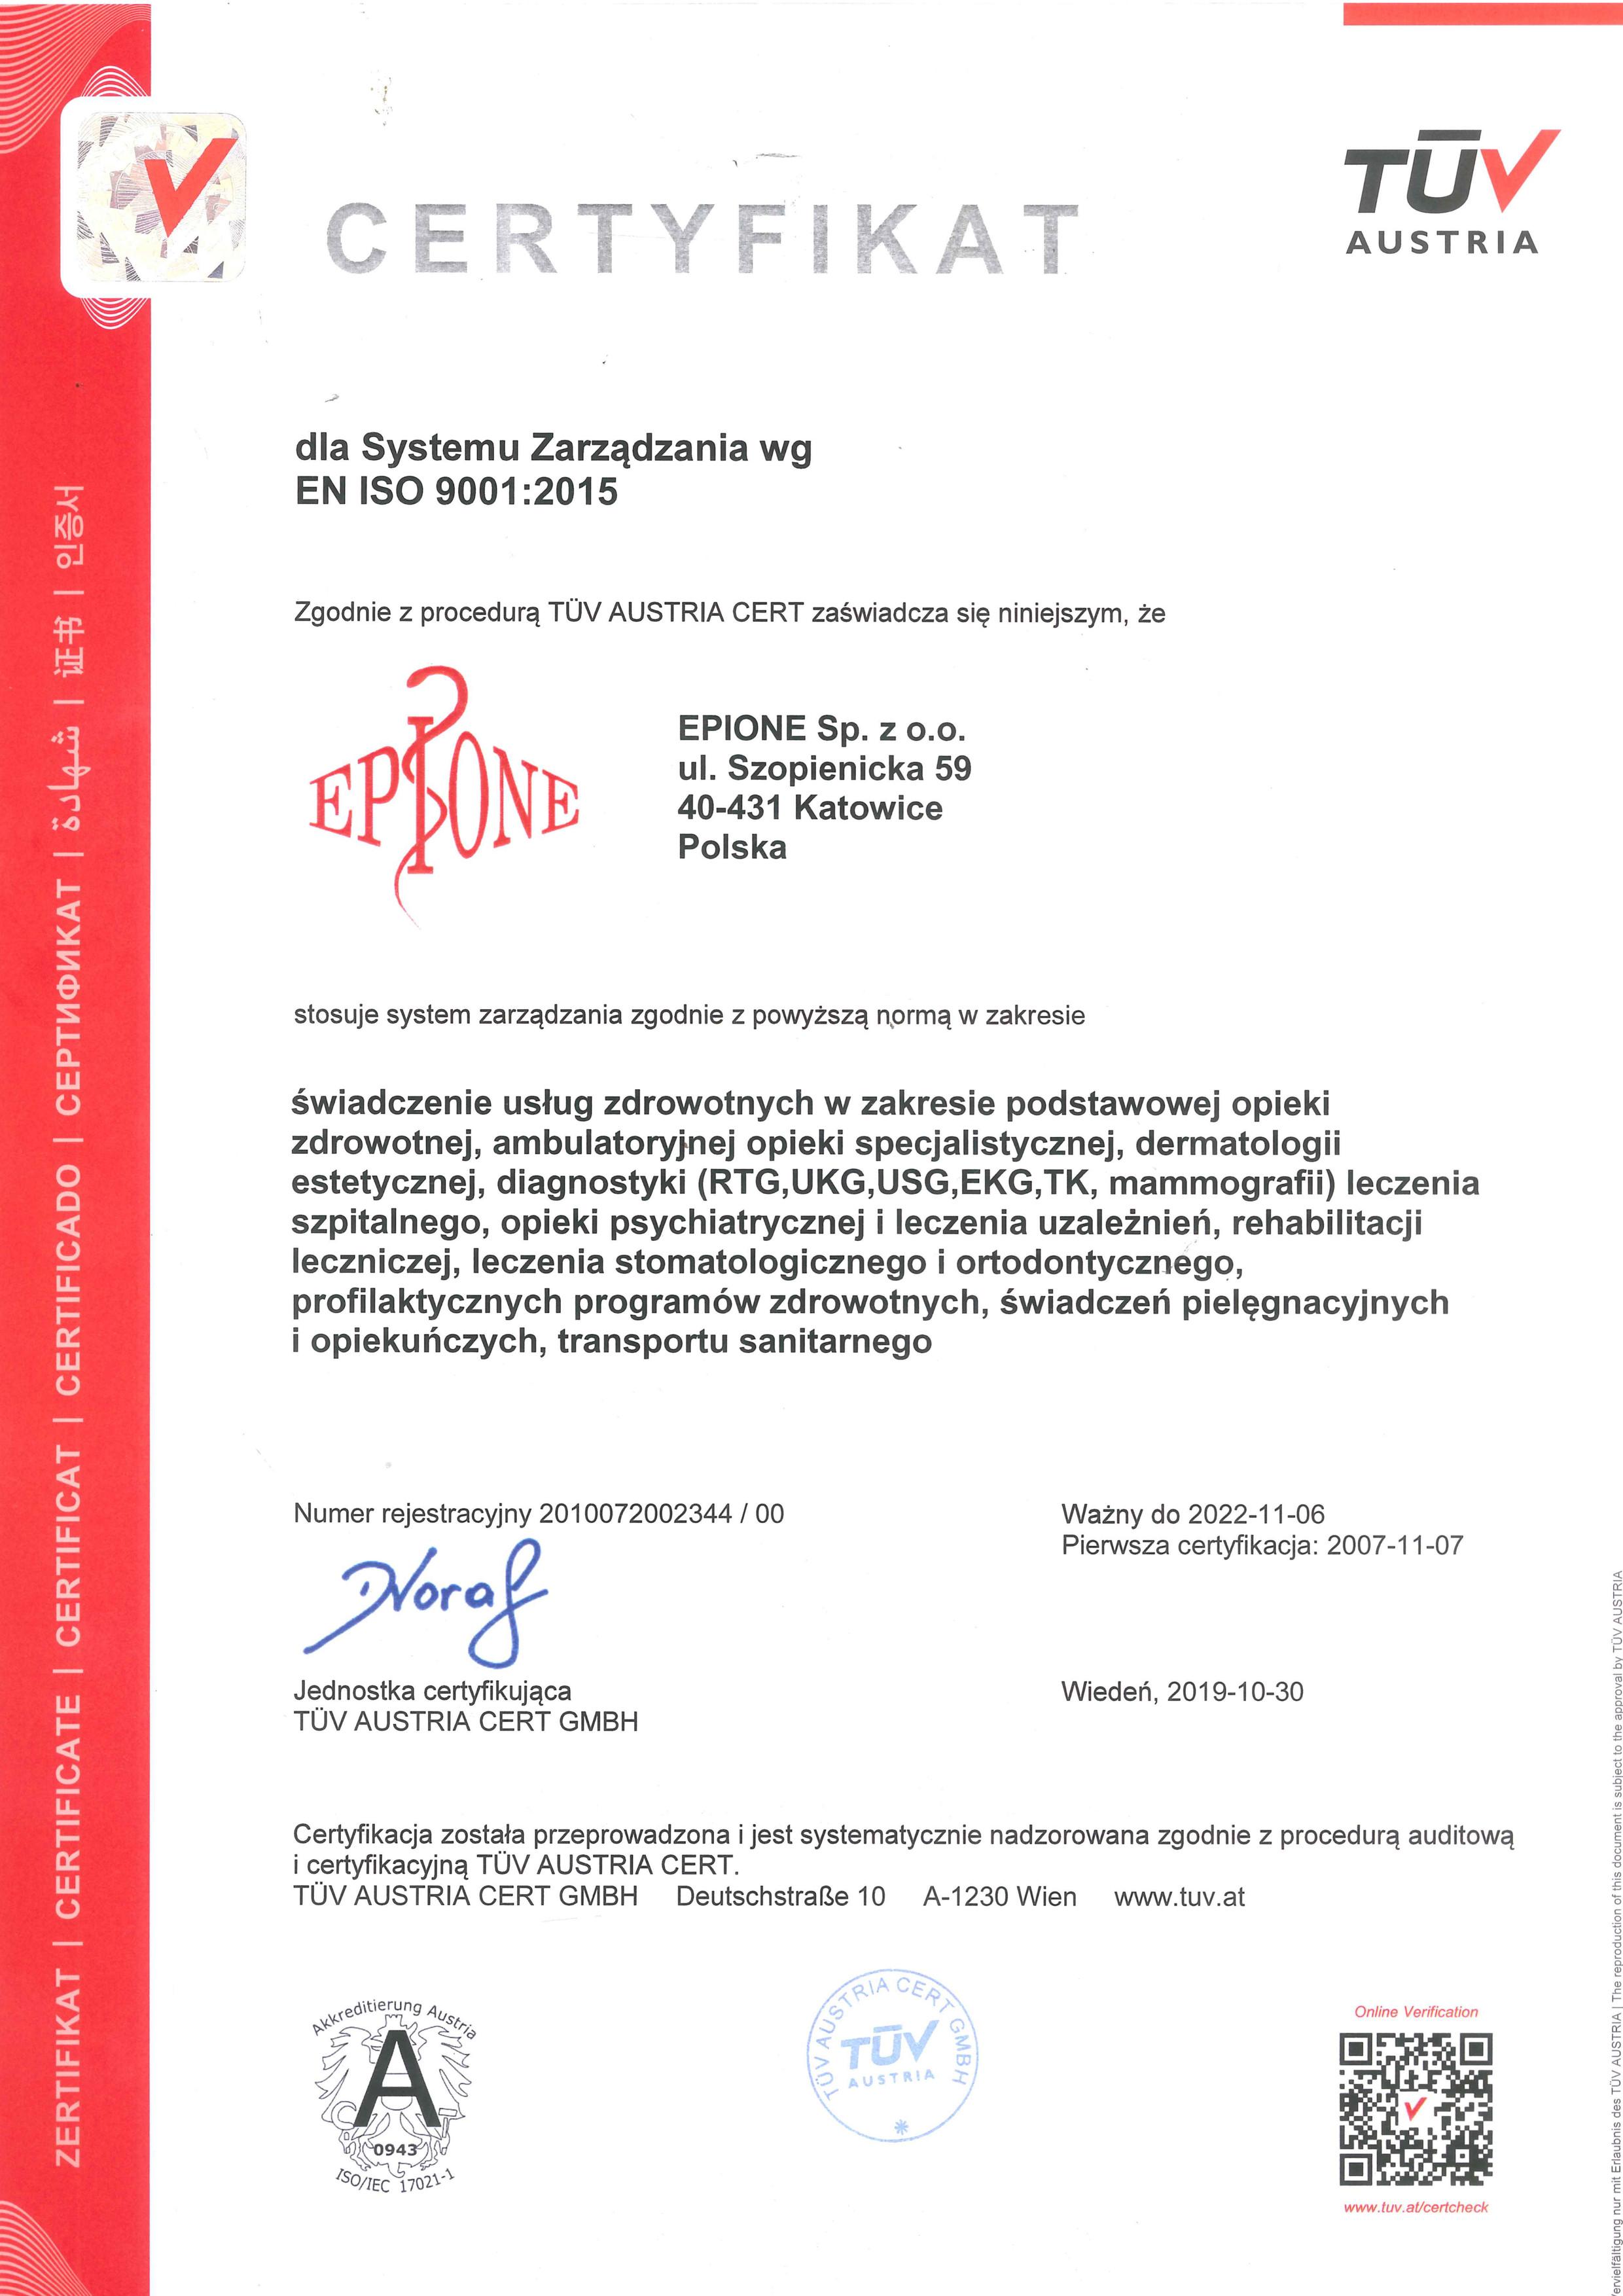 Certyfikat - Przychodnia Katowice